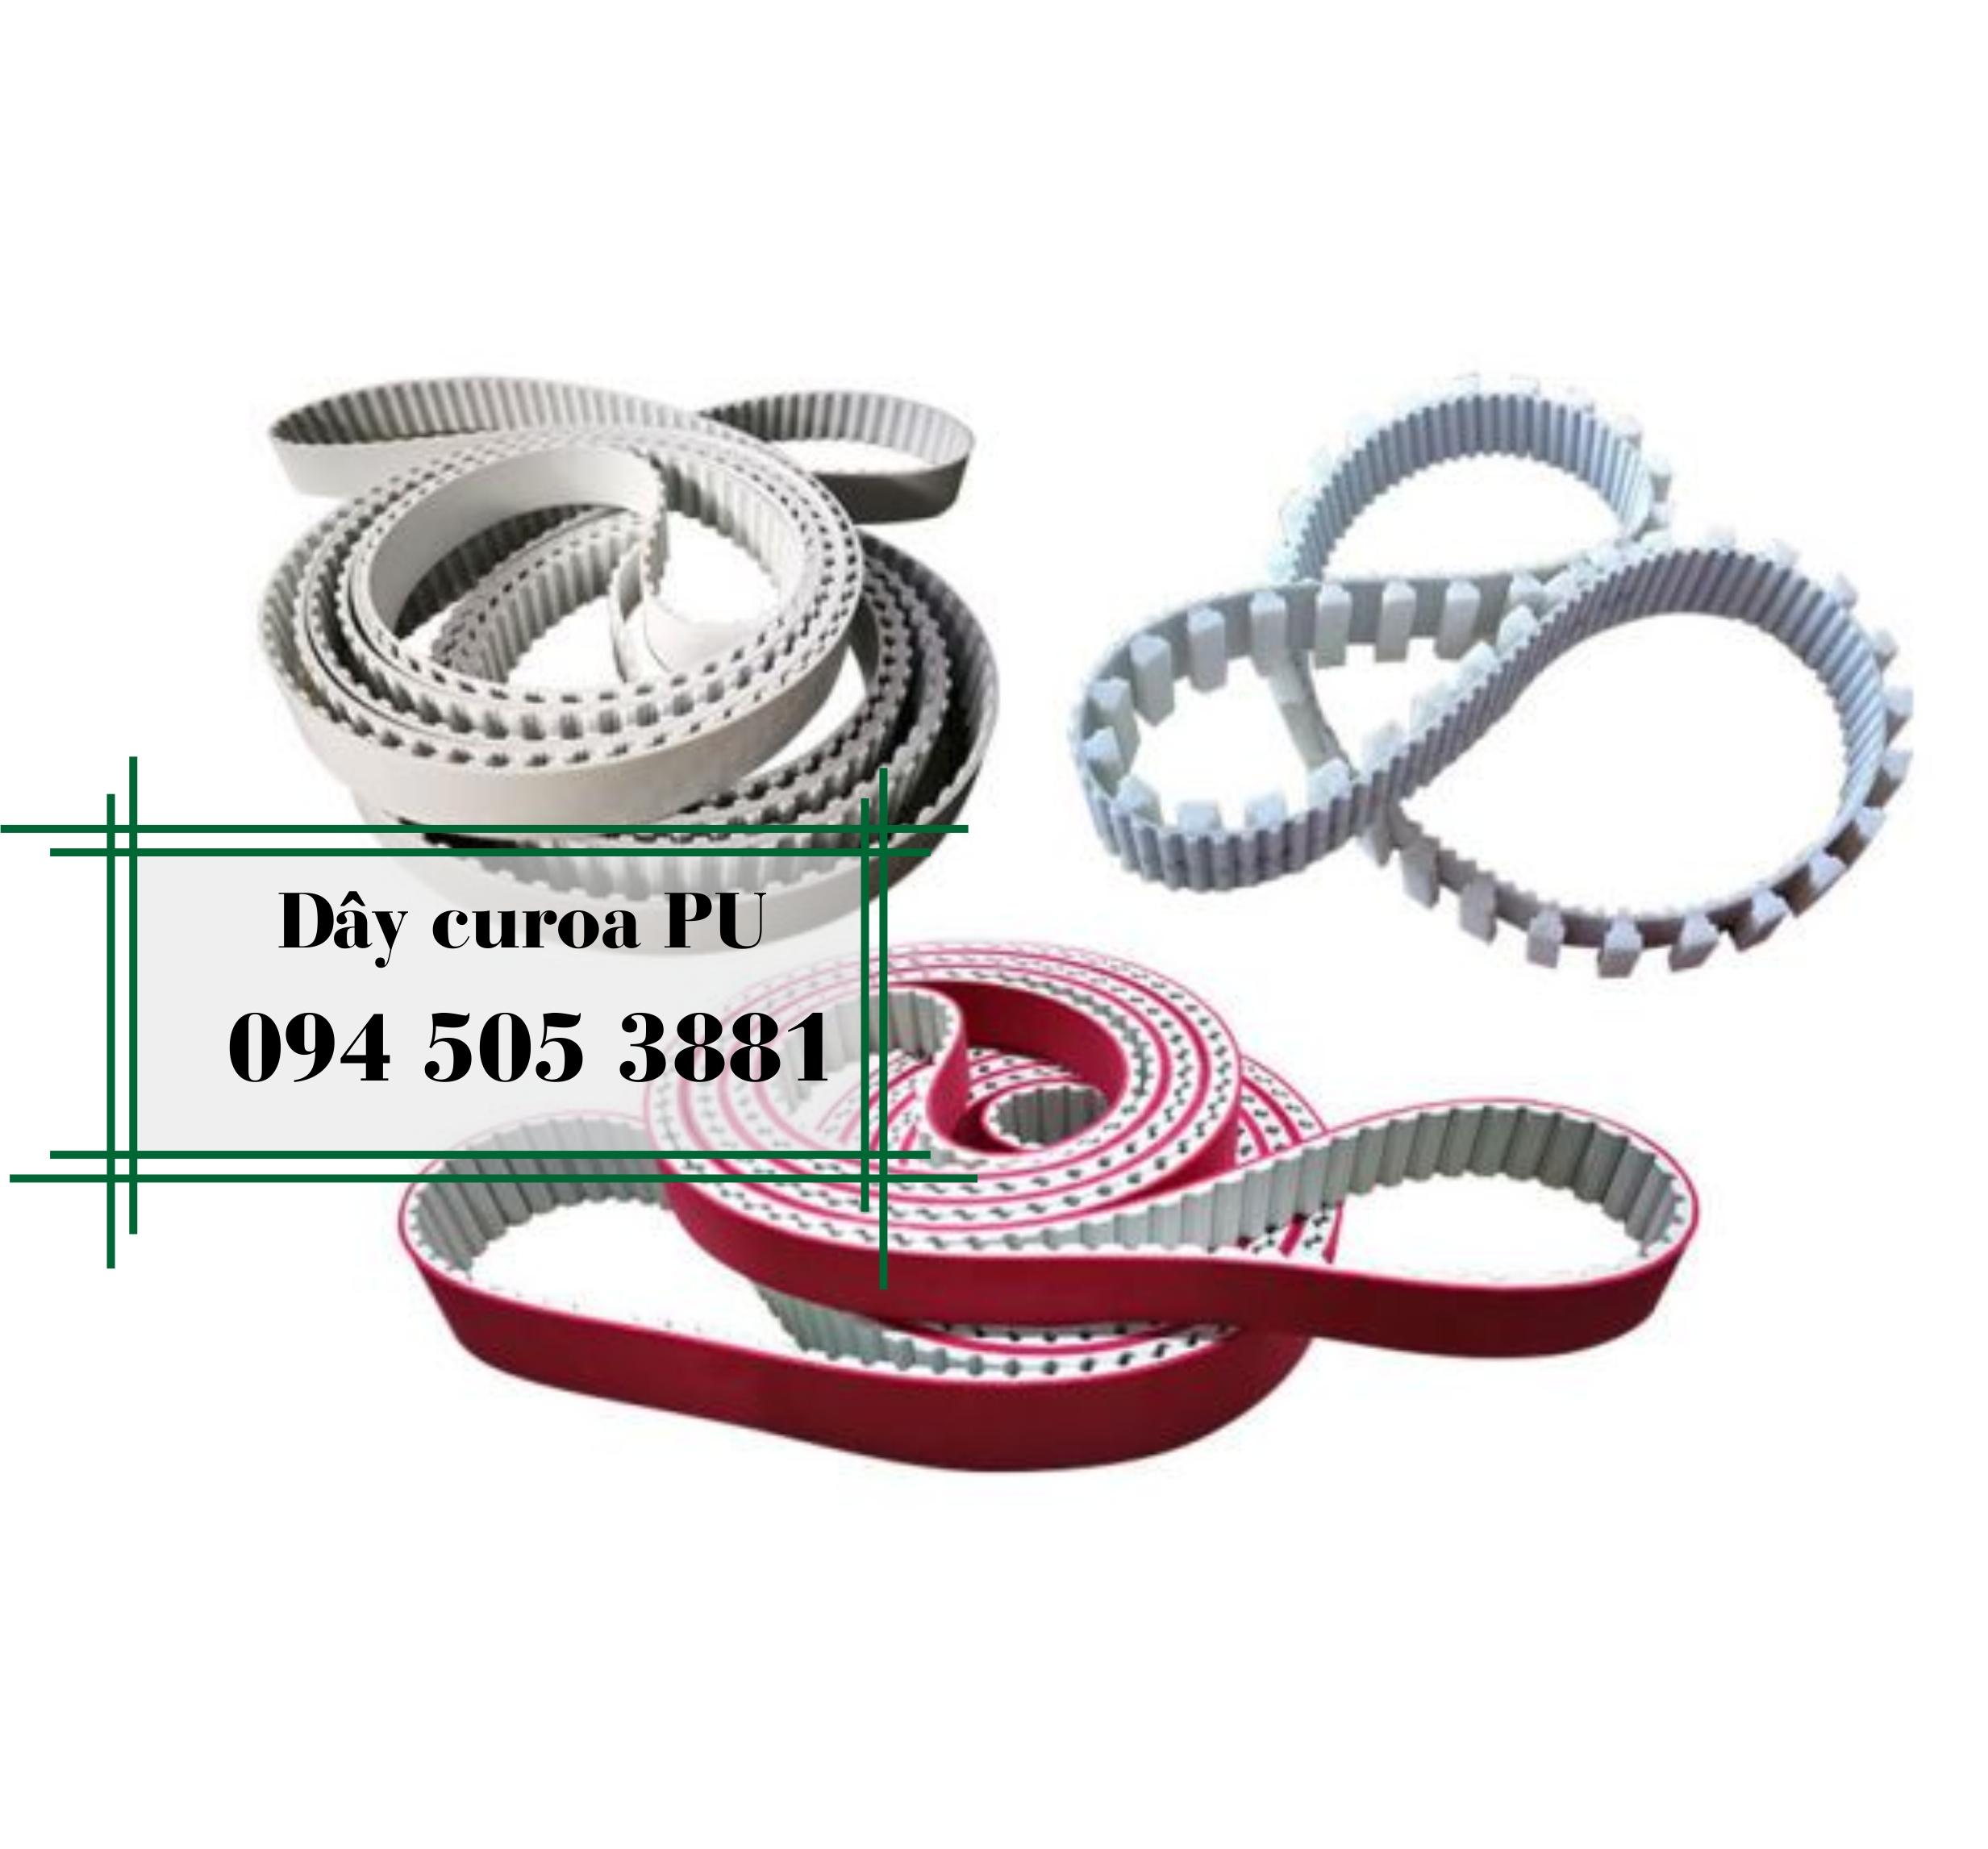 Dây curoa răng PU sản xuất theo yêu cầu | PU Belts | Các Loại dây curoa PU